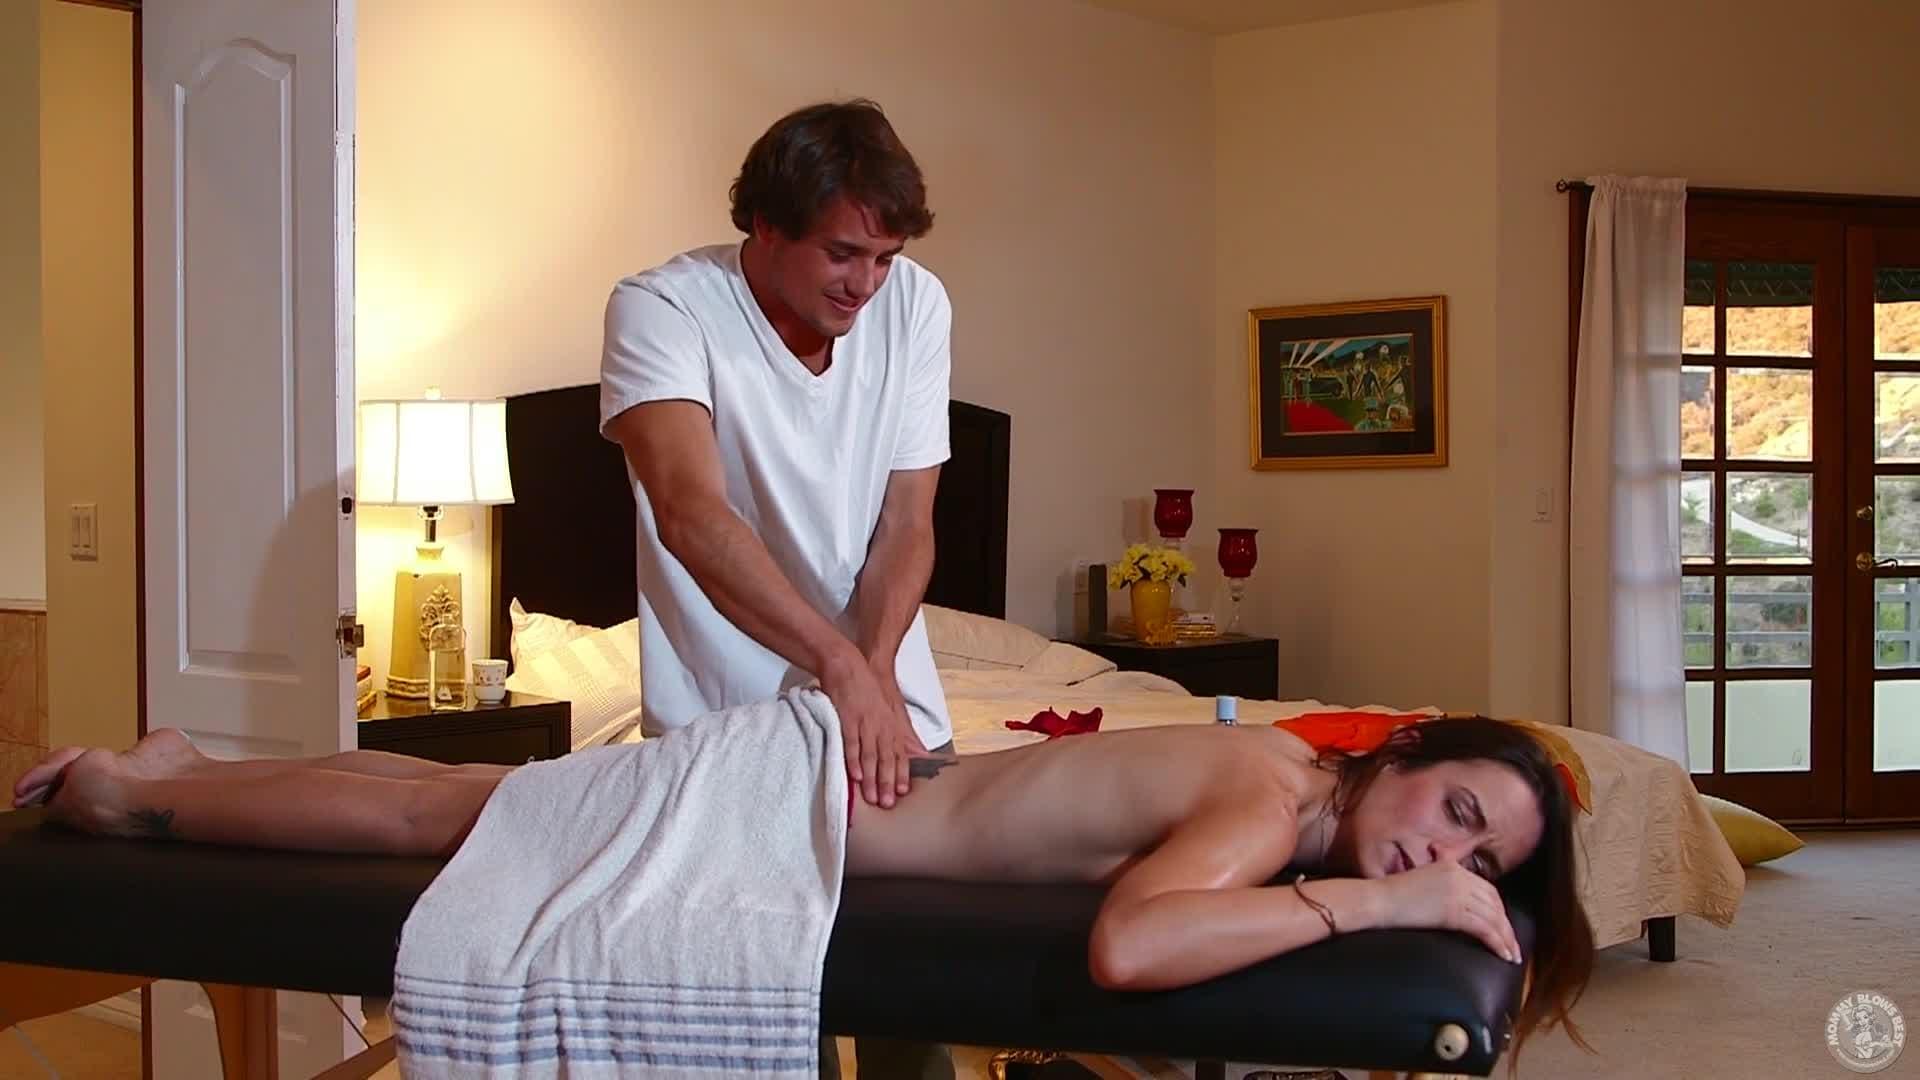 seks masaż wideo hd darmowe porno palenie bbw